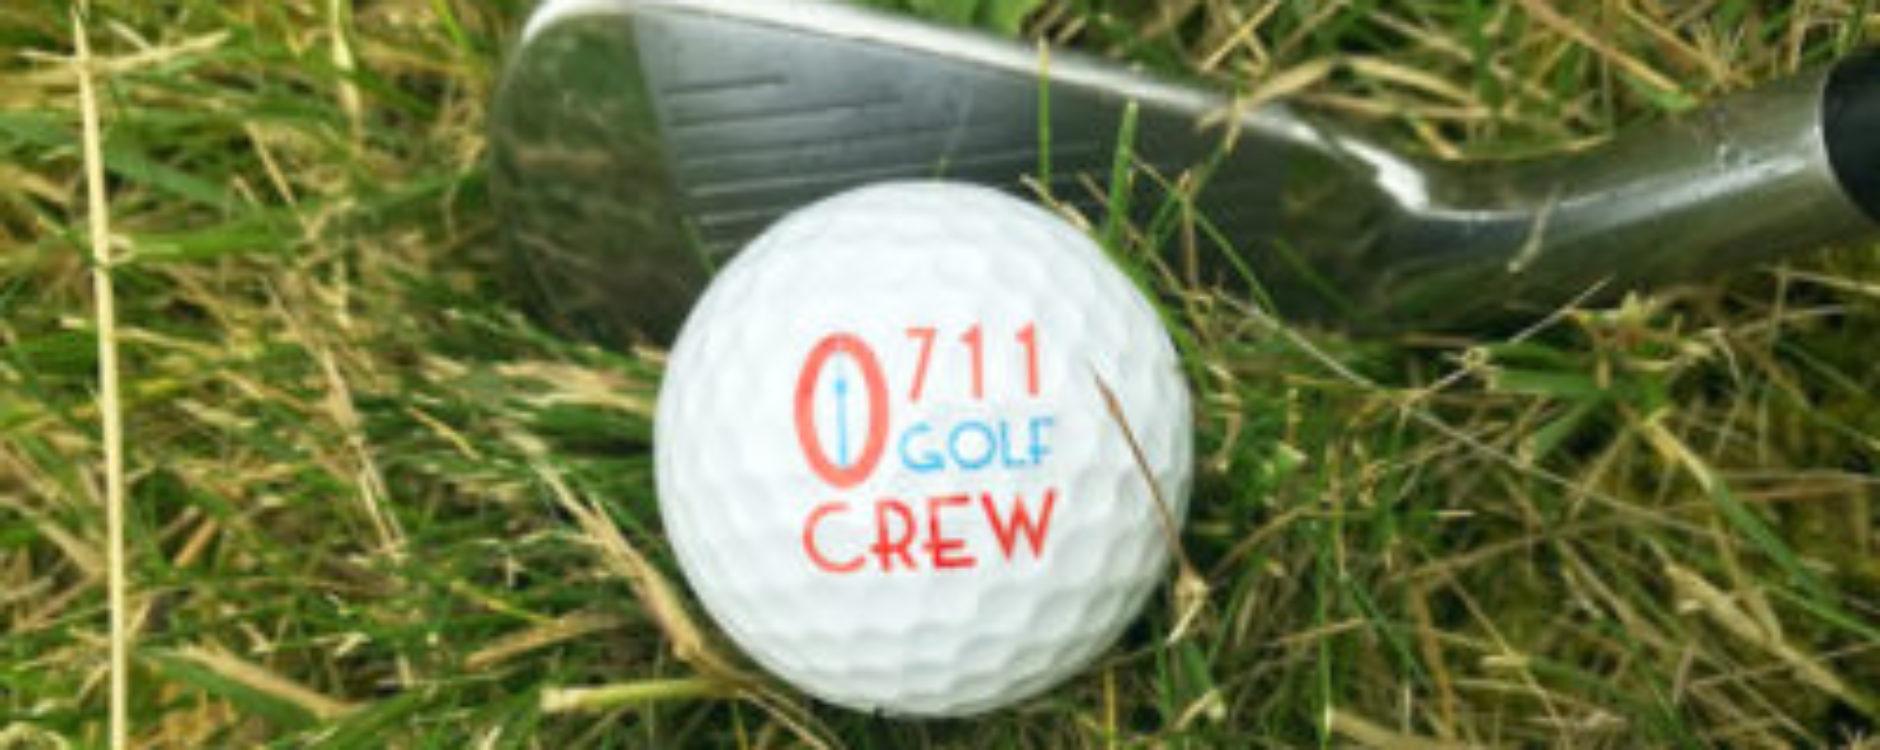 0711 GOLF CREW e.V.